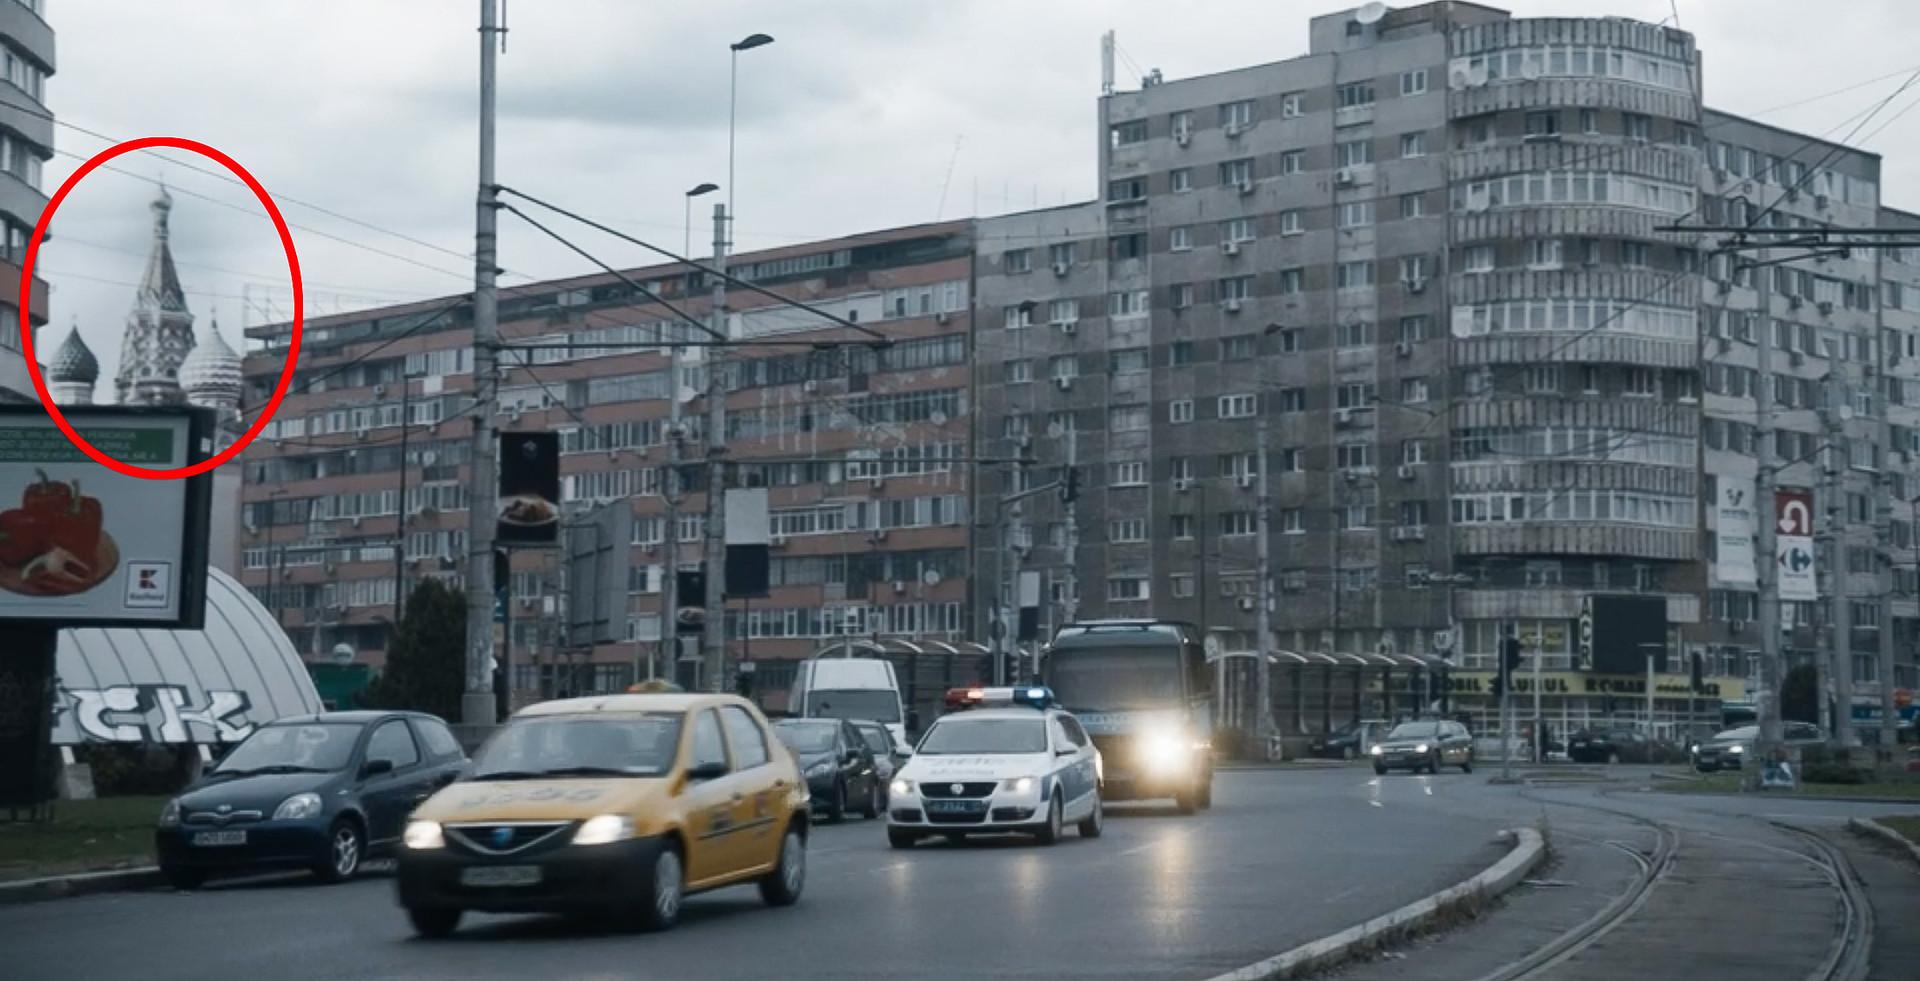 Cette scène de Killing Eve a été filmée à Budapest, on peut y voir des plaques d'immatriculation et des publicités en hongrois. Mais on a rajouté la cathédrale Saint-Basile de Moscou en arrière-plan.